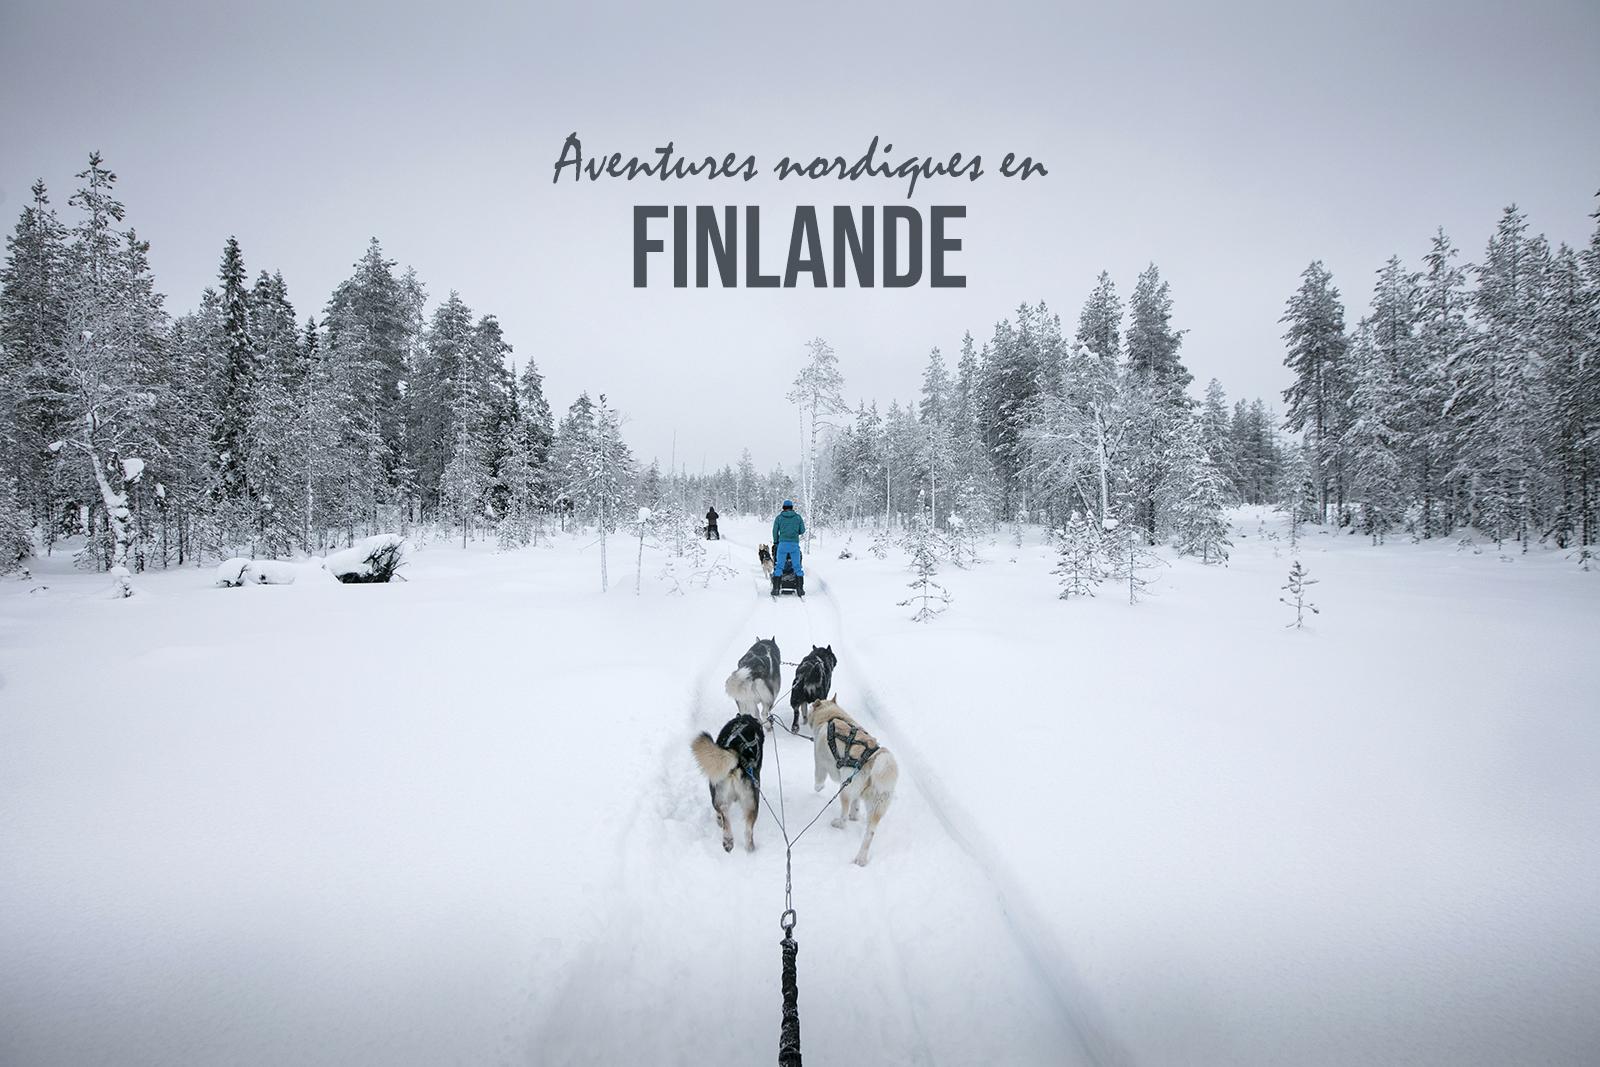 Une semaine d'aventures nordiques en Finlande